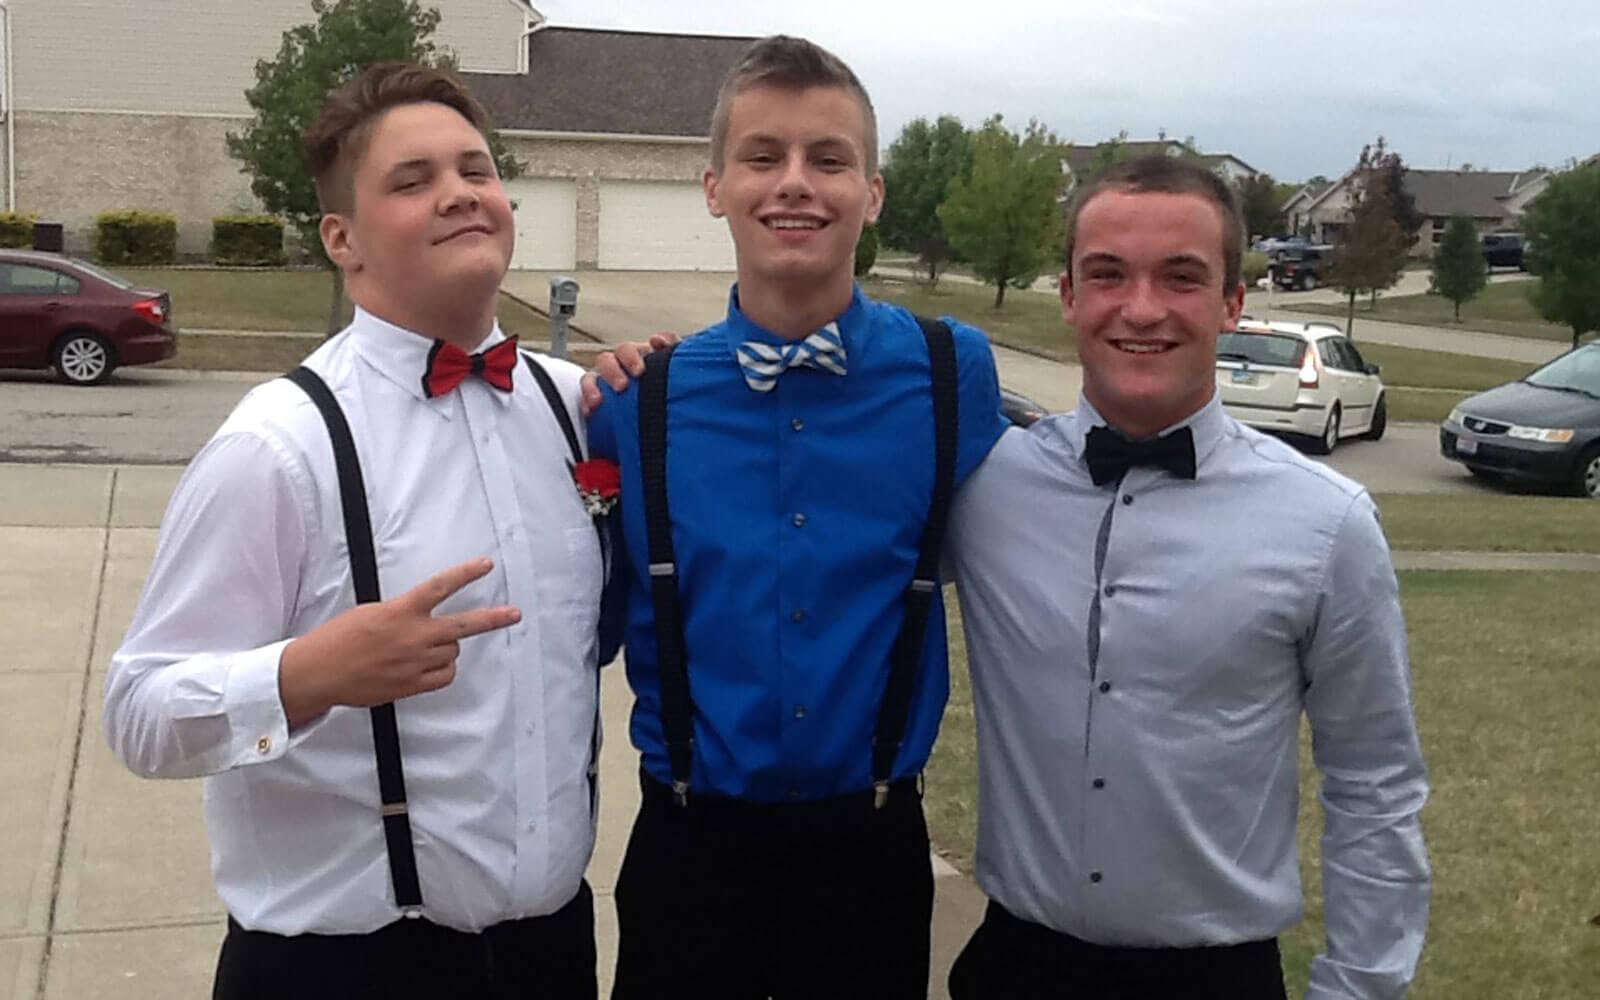 Daniel beim Homecoming Ball mit zwei Freunden